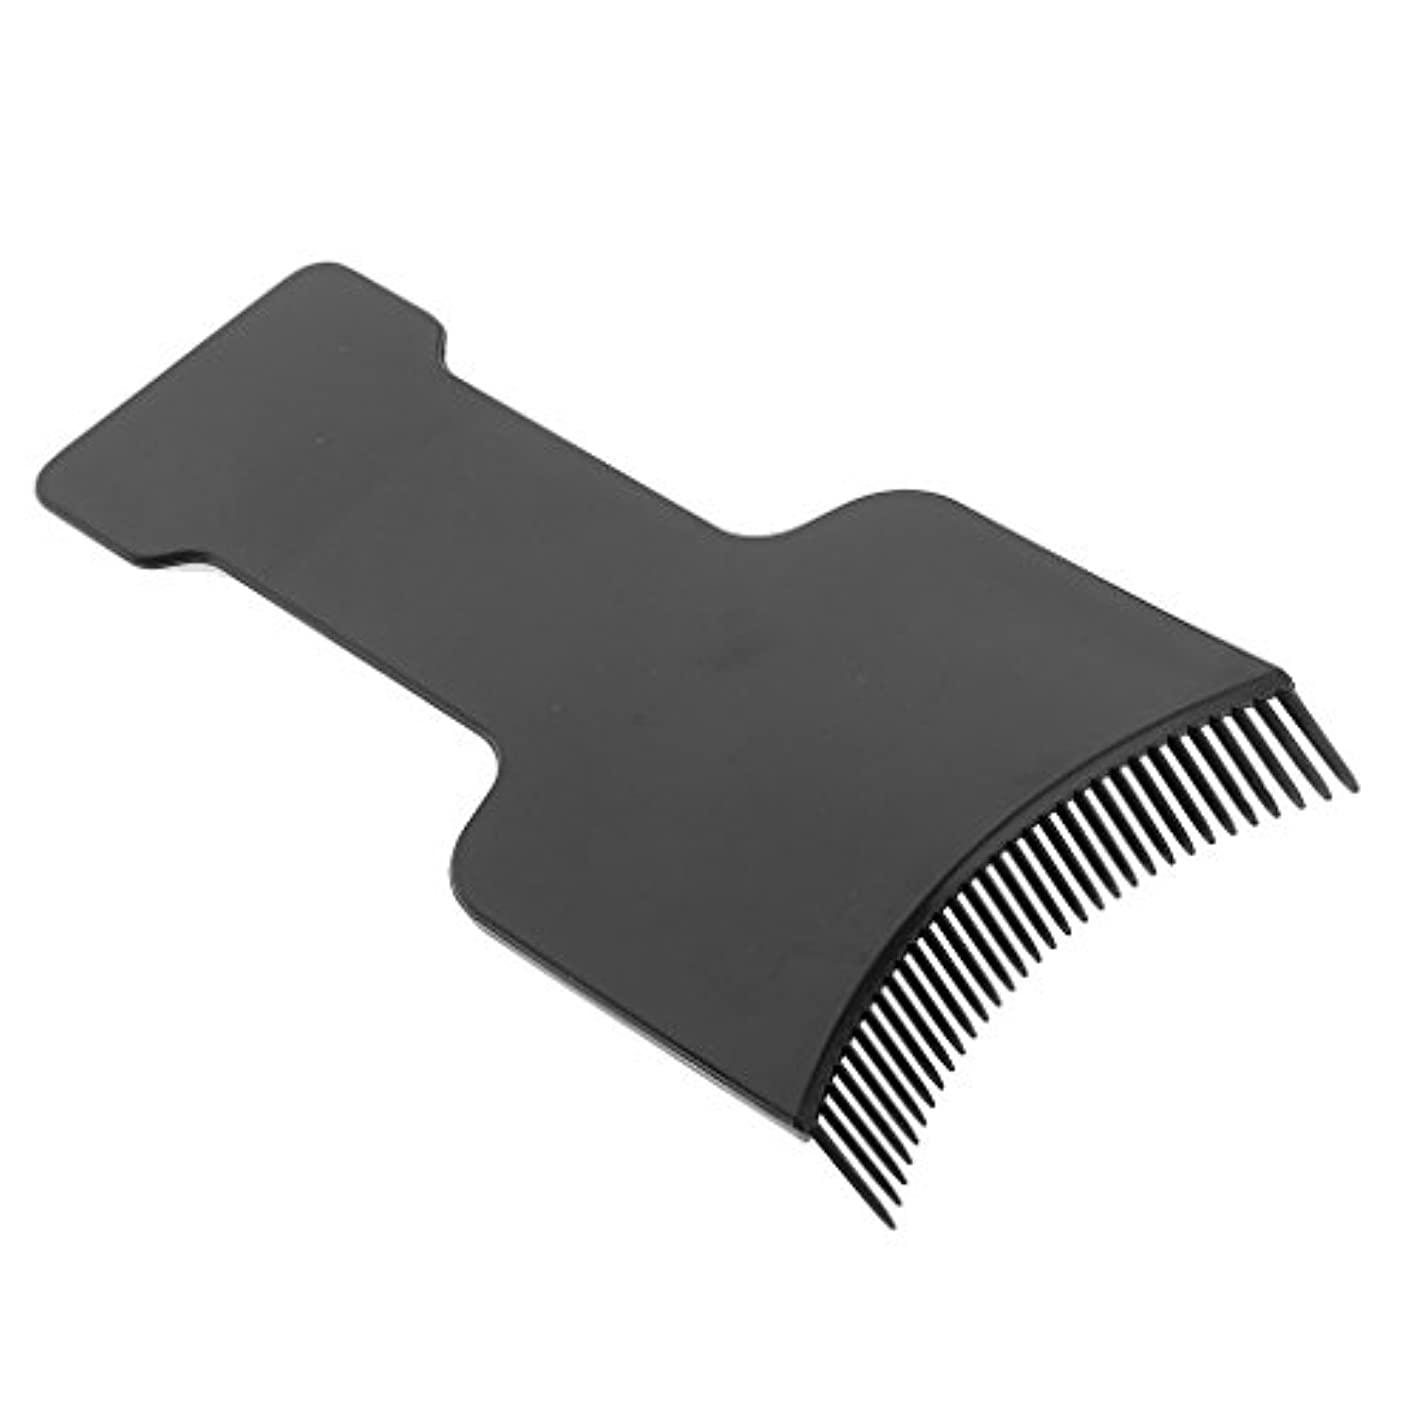 特権好意的自発ヘアカラー ボード 髪 染色 ツール ブラック 全4サイズ - S